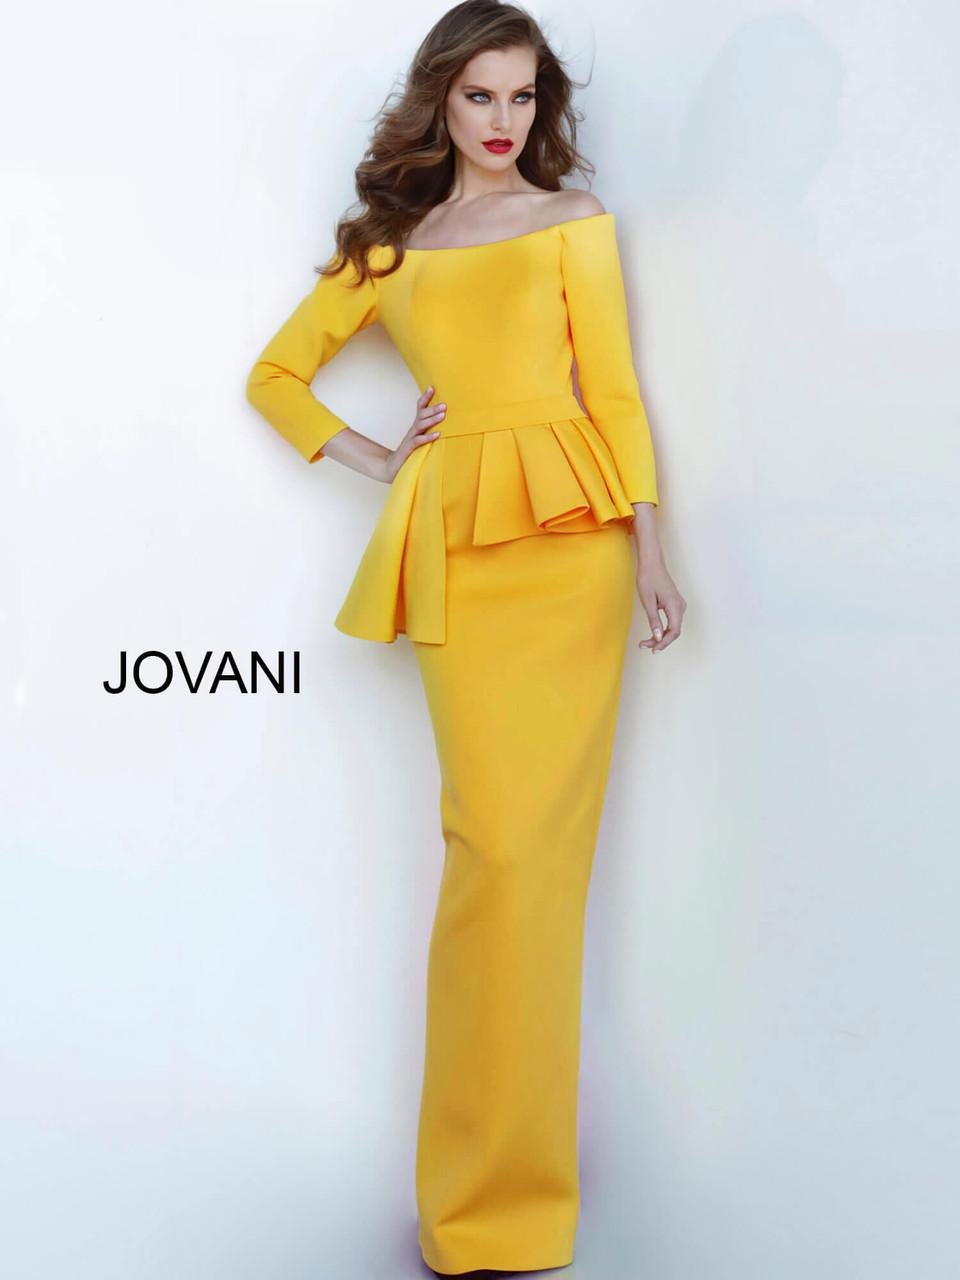 Jovani New Arrivals 2144